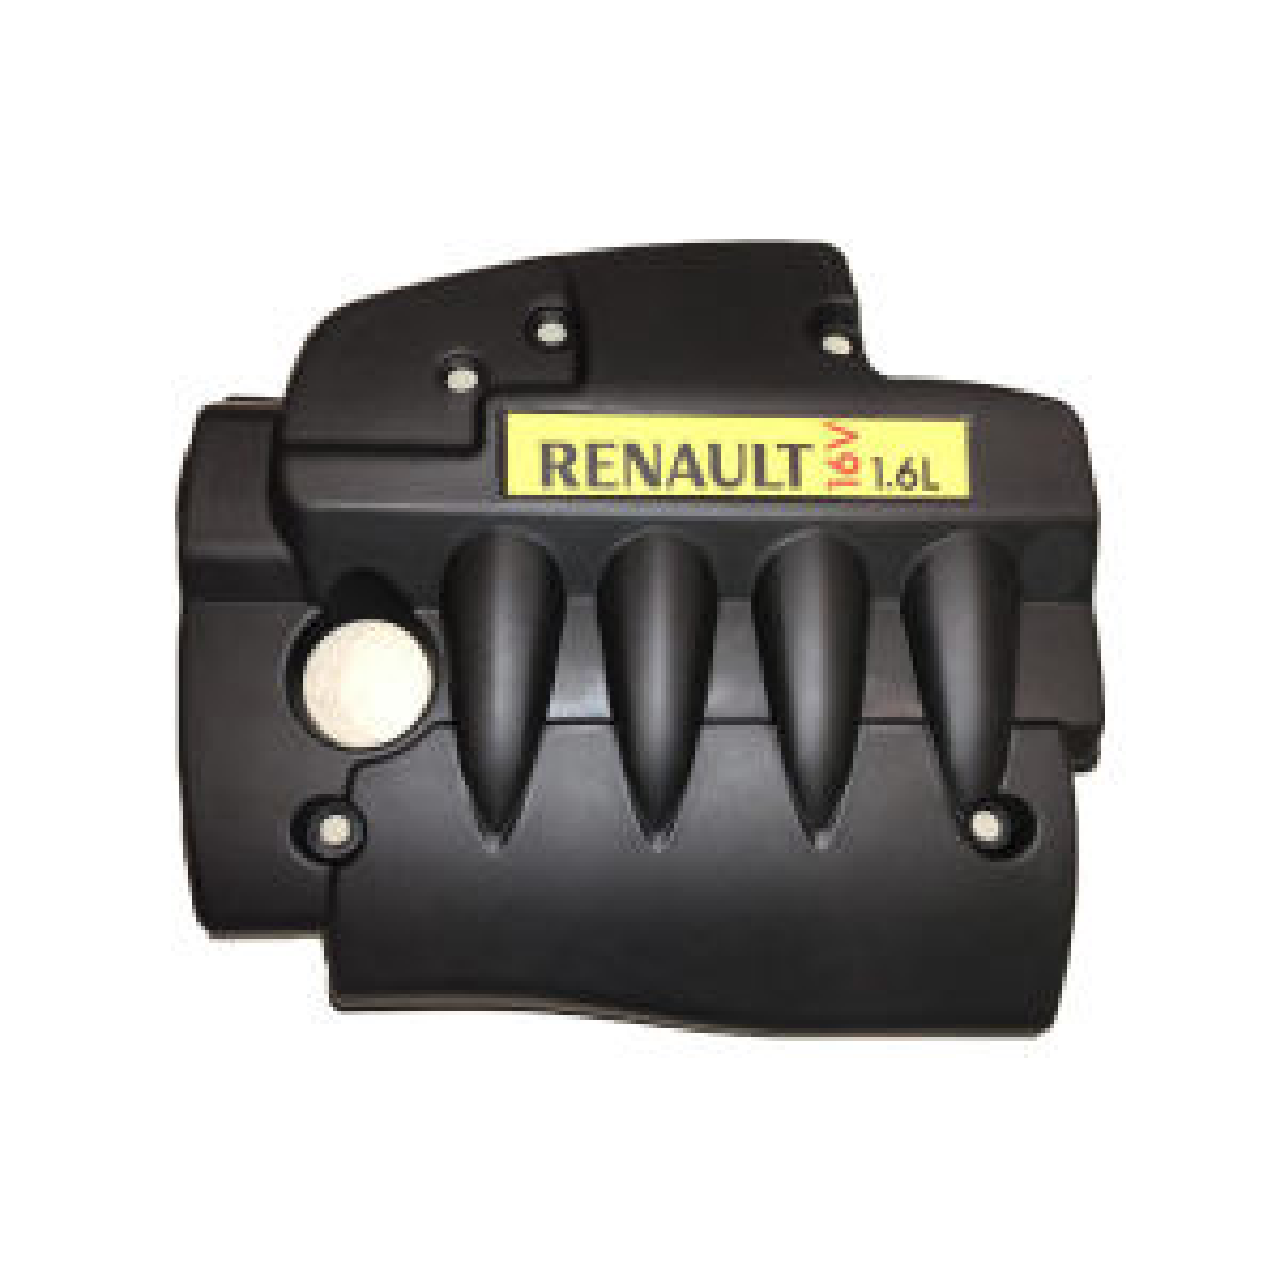 کاور موتور مدل 001 مناسب برای خودرو ساندرو و تندر